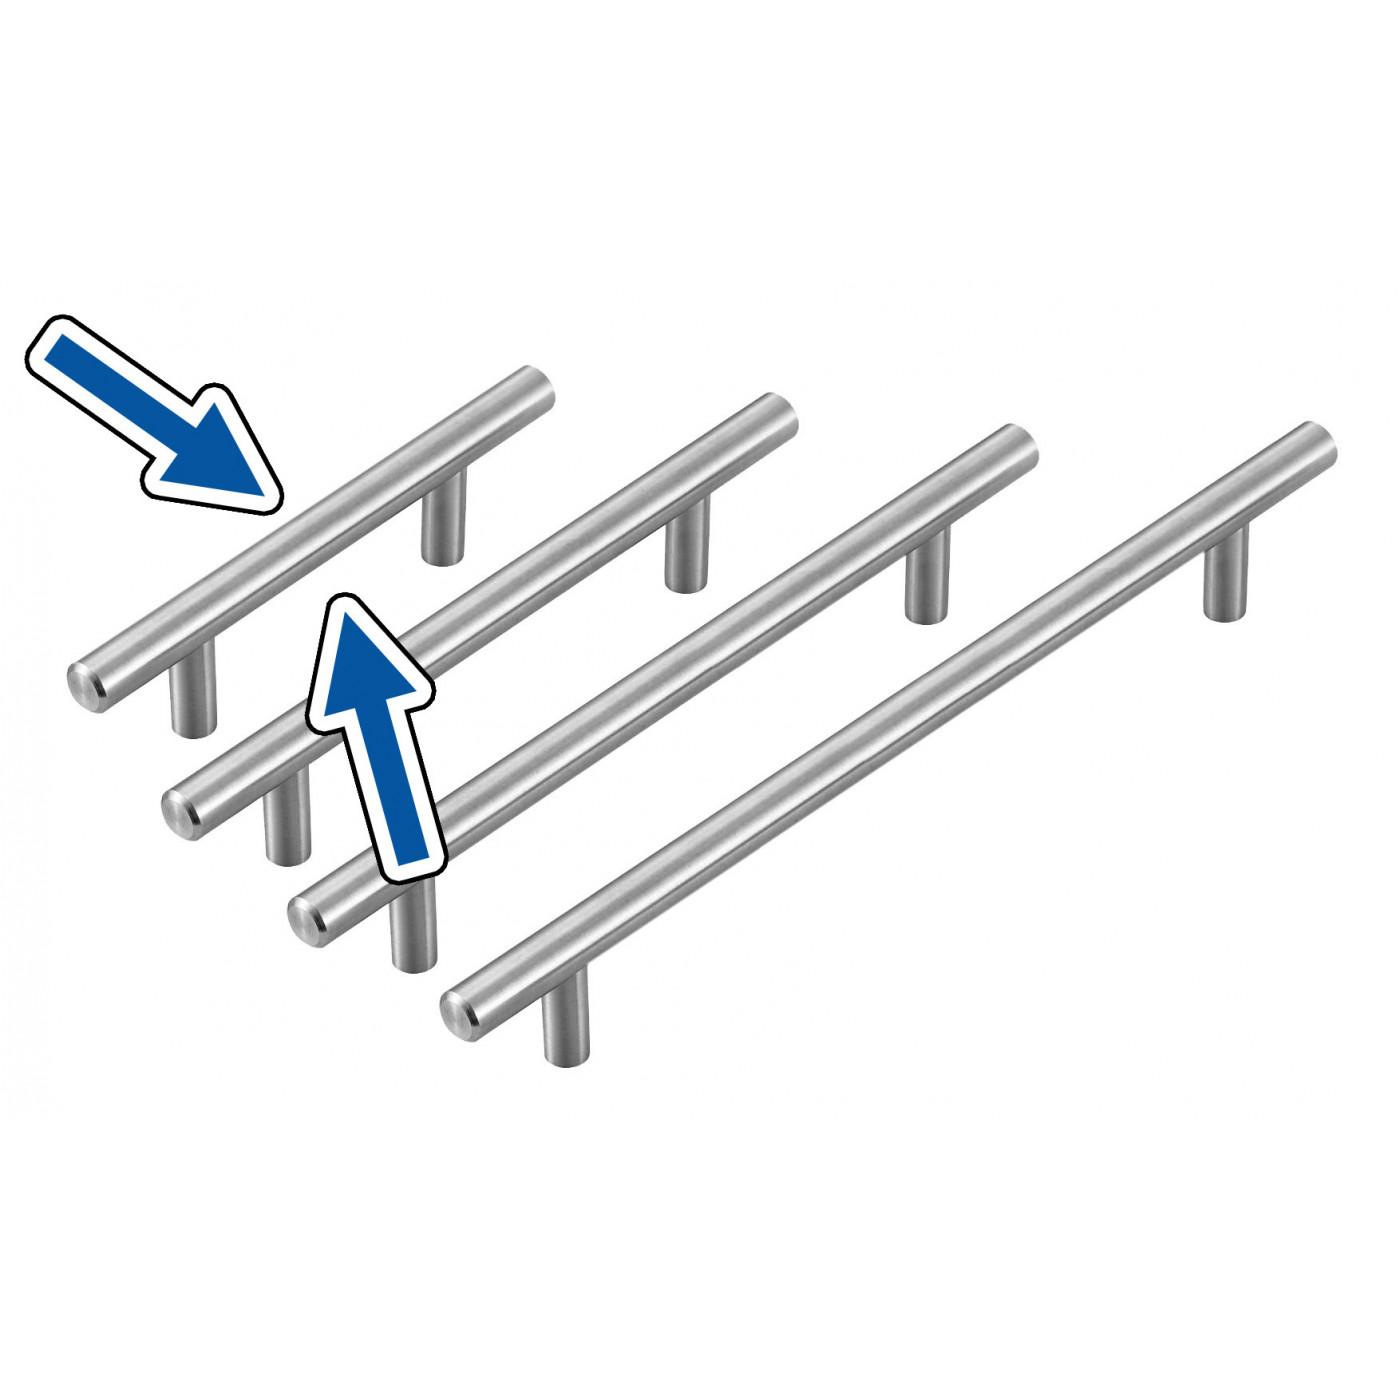 Set van 4 hoge kwaliteit massief stalen handgrepen (maat 1: 96/150 mm)  - 1